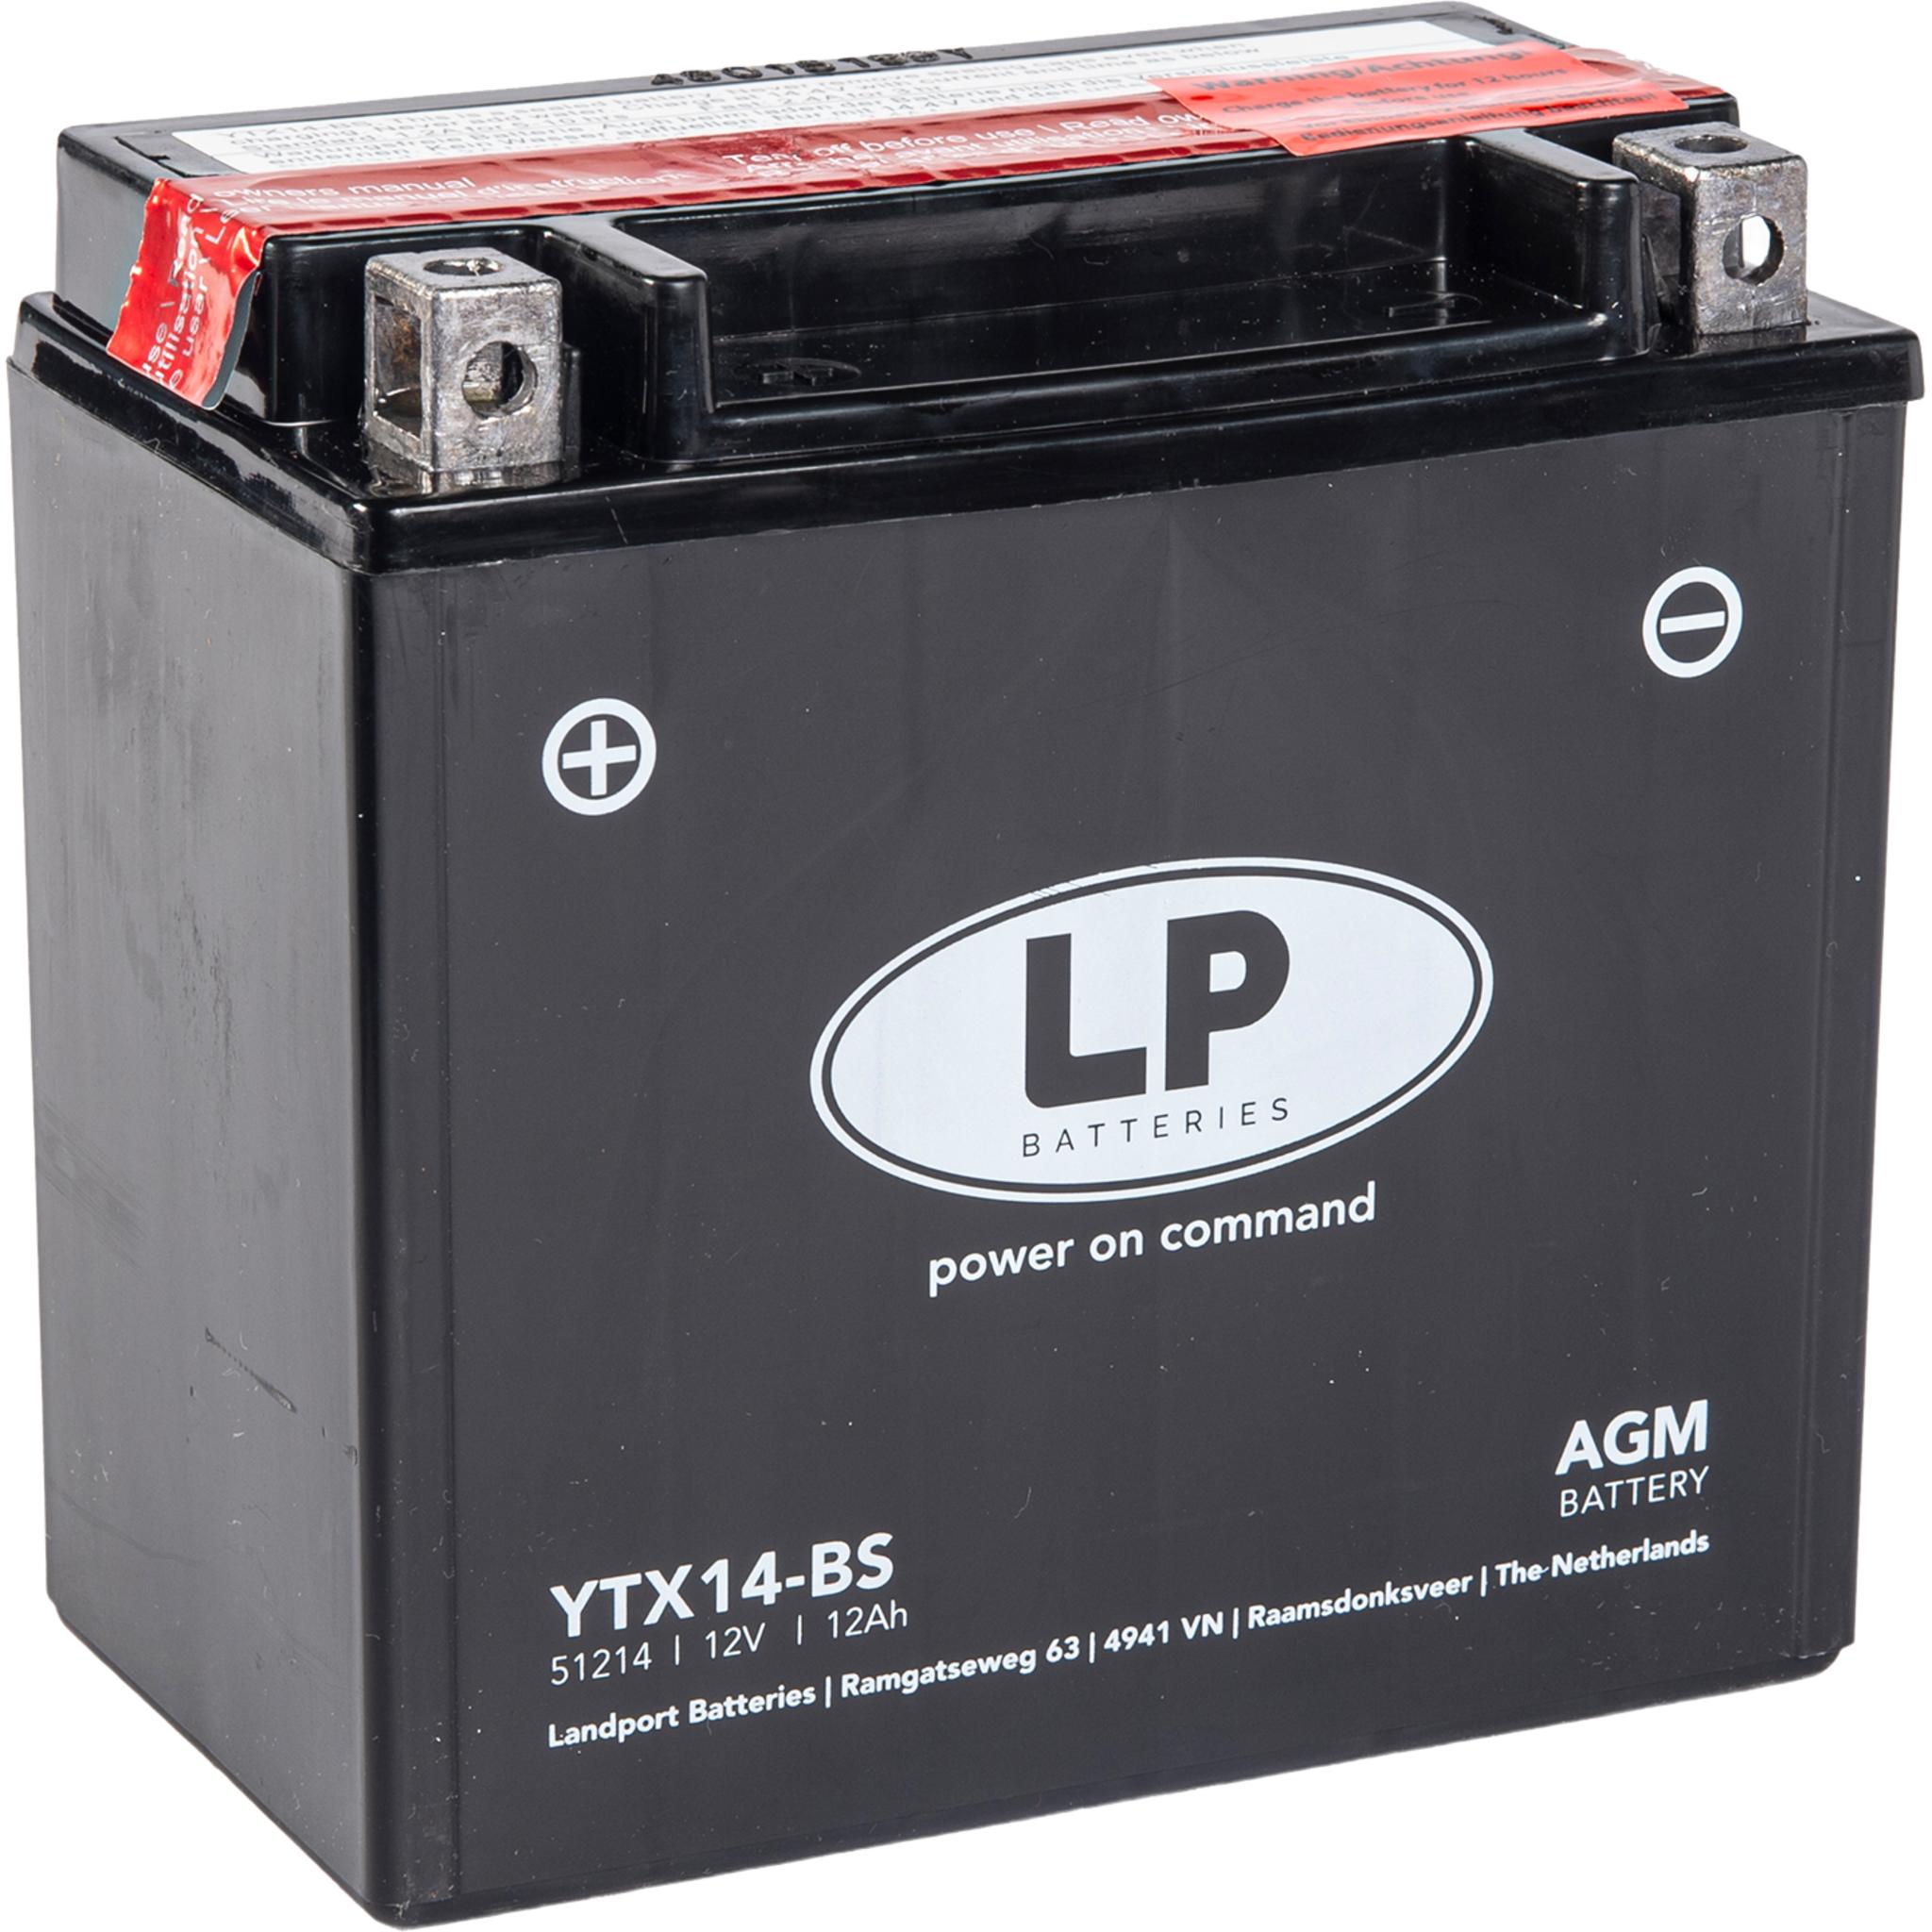 Аккумулятор Landport YTX14-BS, 12V, AGM